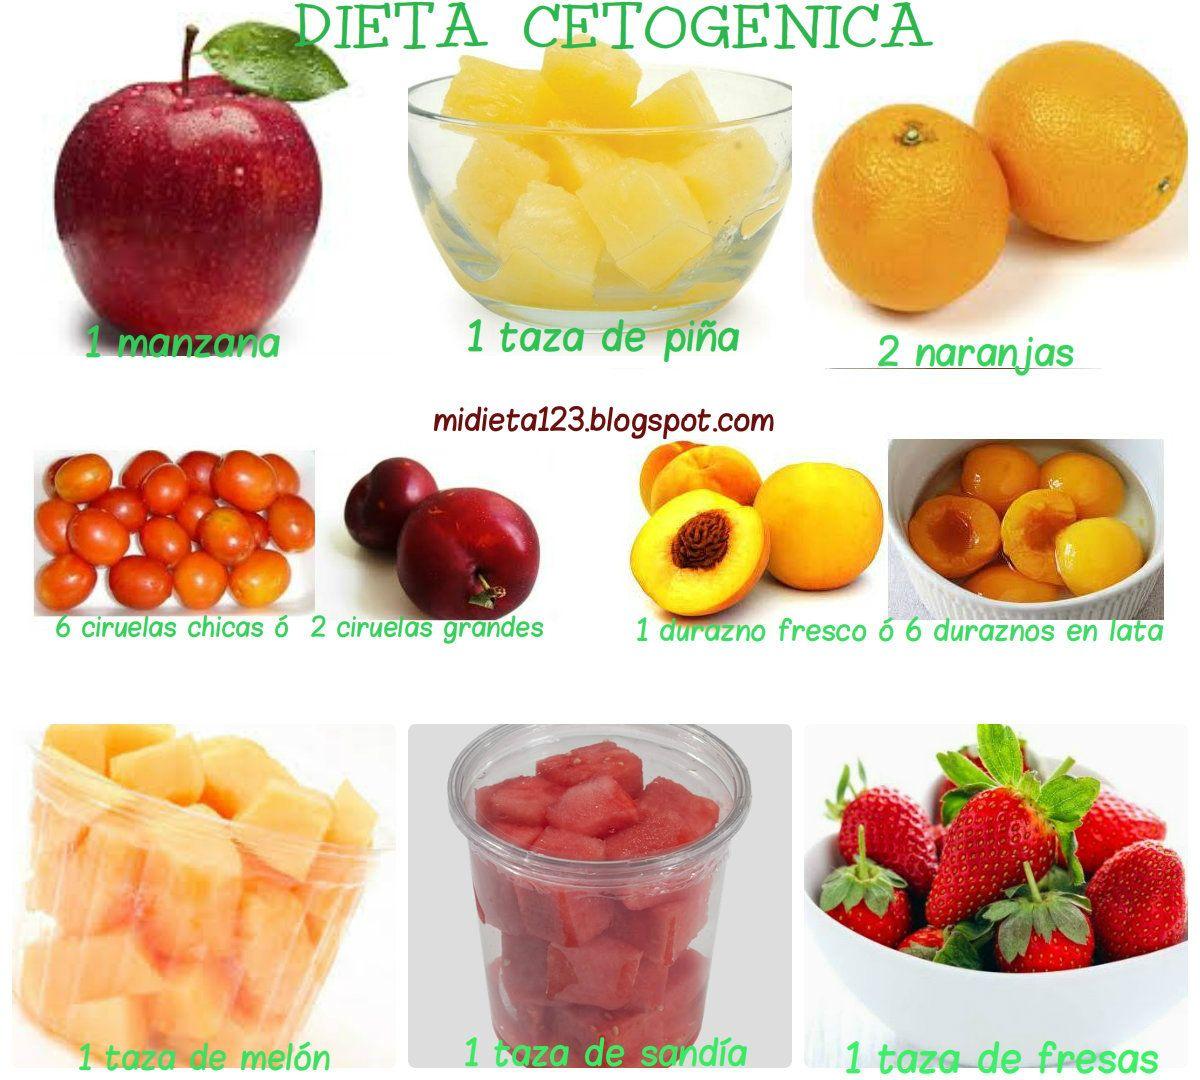 Frutas que no se deben comer en una dieta cetogenica